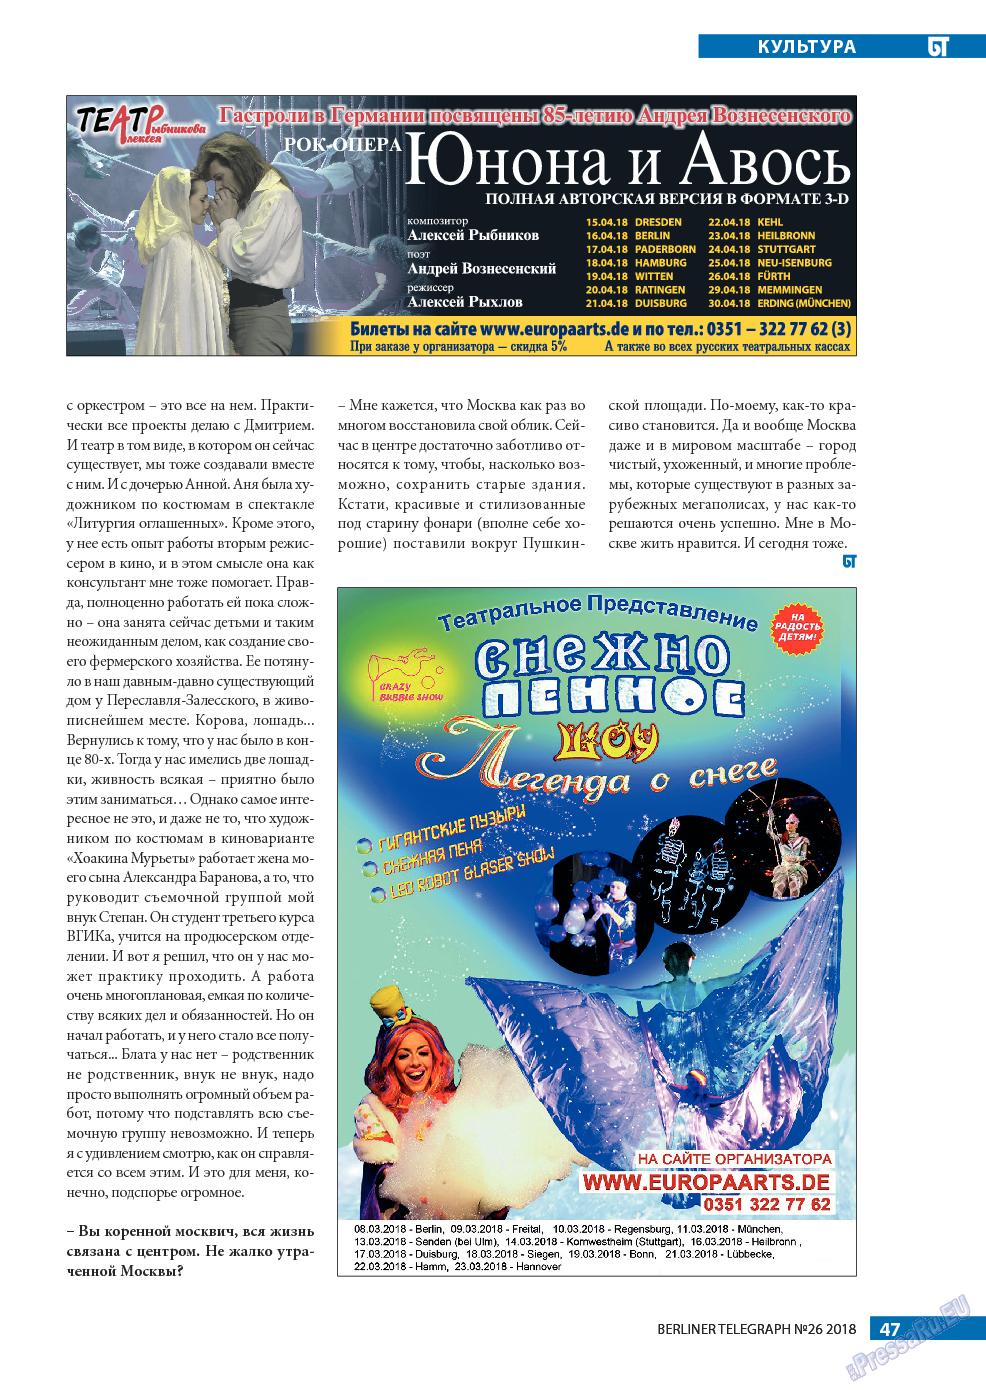 Берлинский телеграф (журнал). 2018 год, номер 26, стр. 47